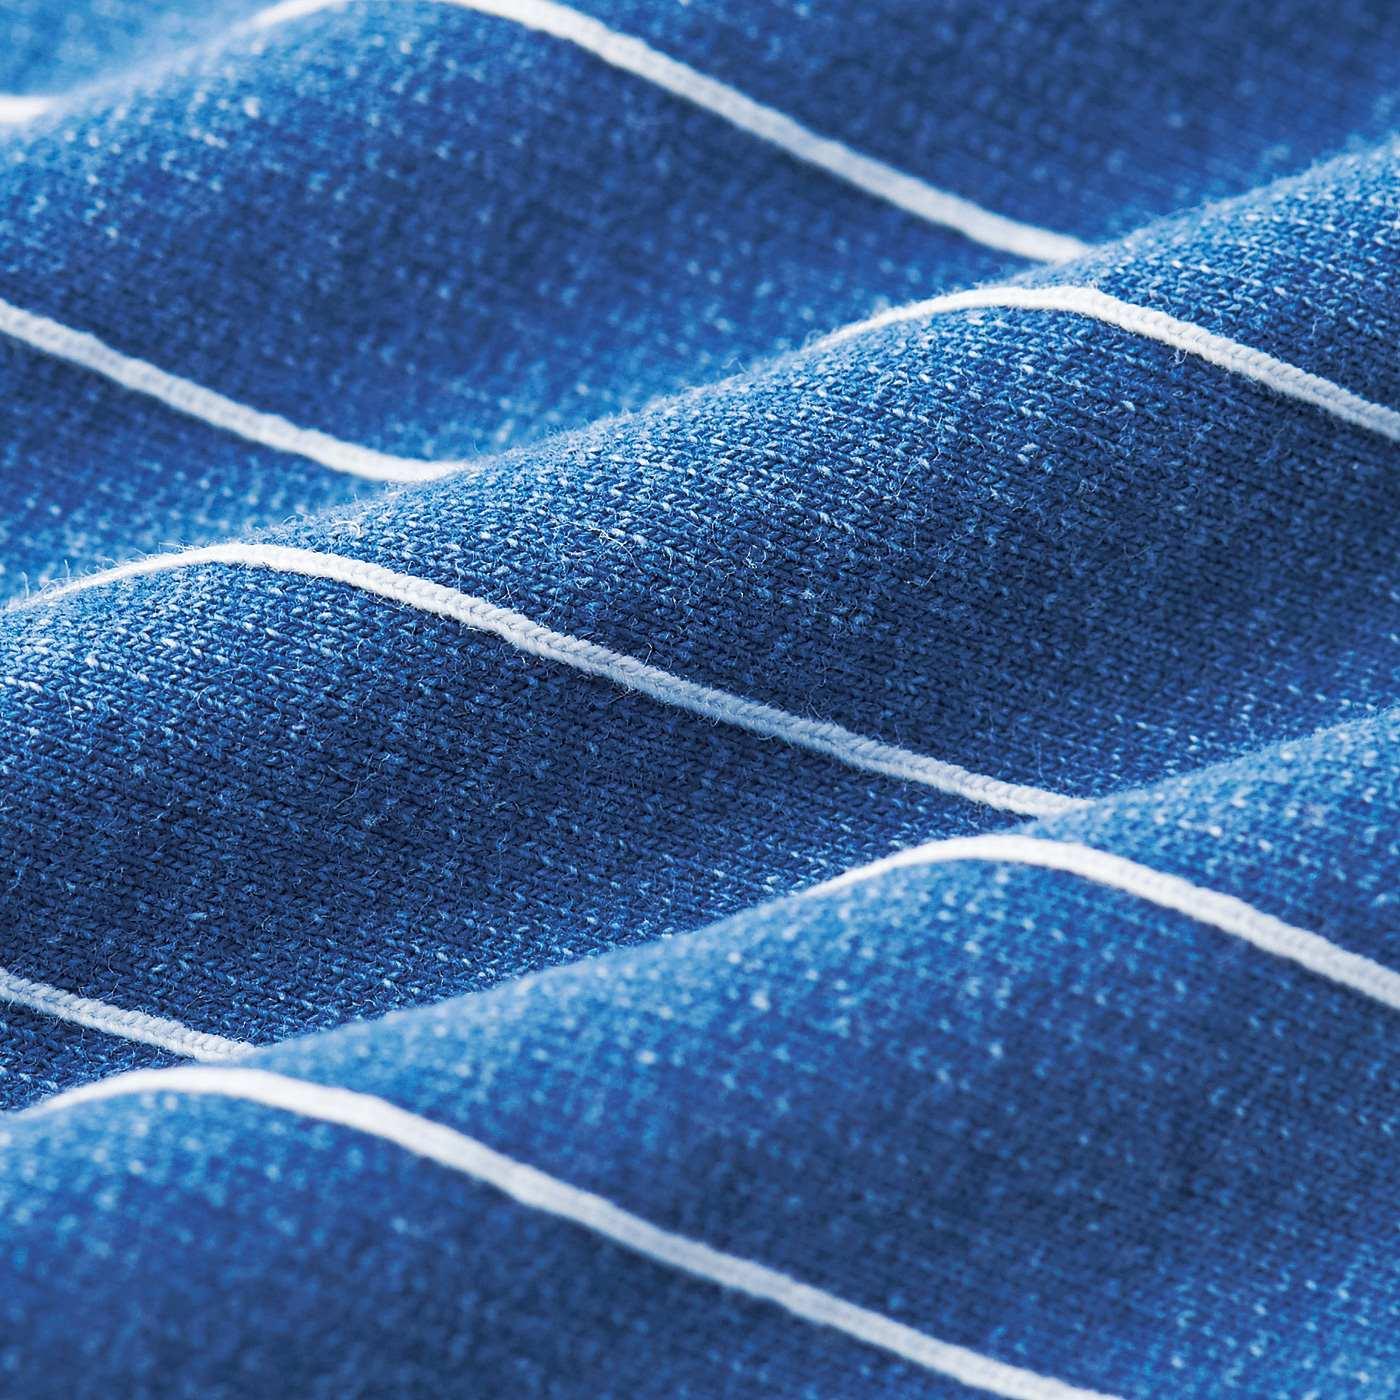 ジャカード編みで仕上げたデニム裏毛。ストライプも織りで表現し、大人っぽい雰囲気に。